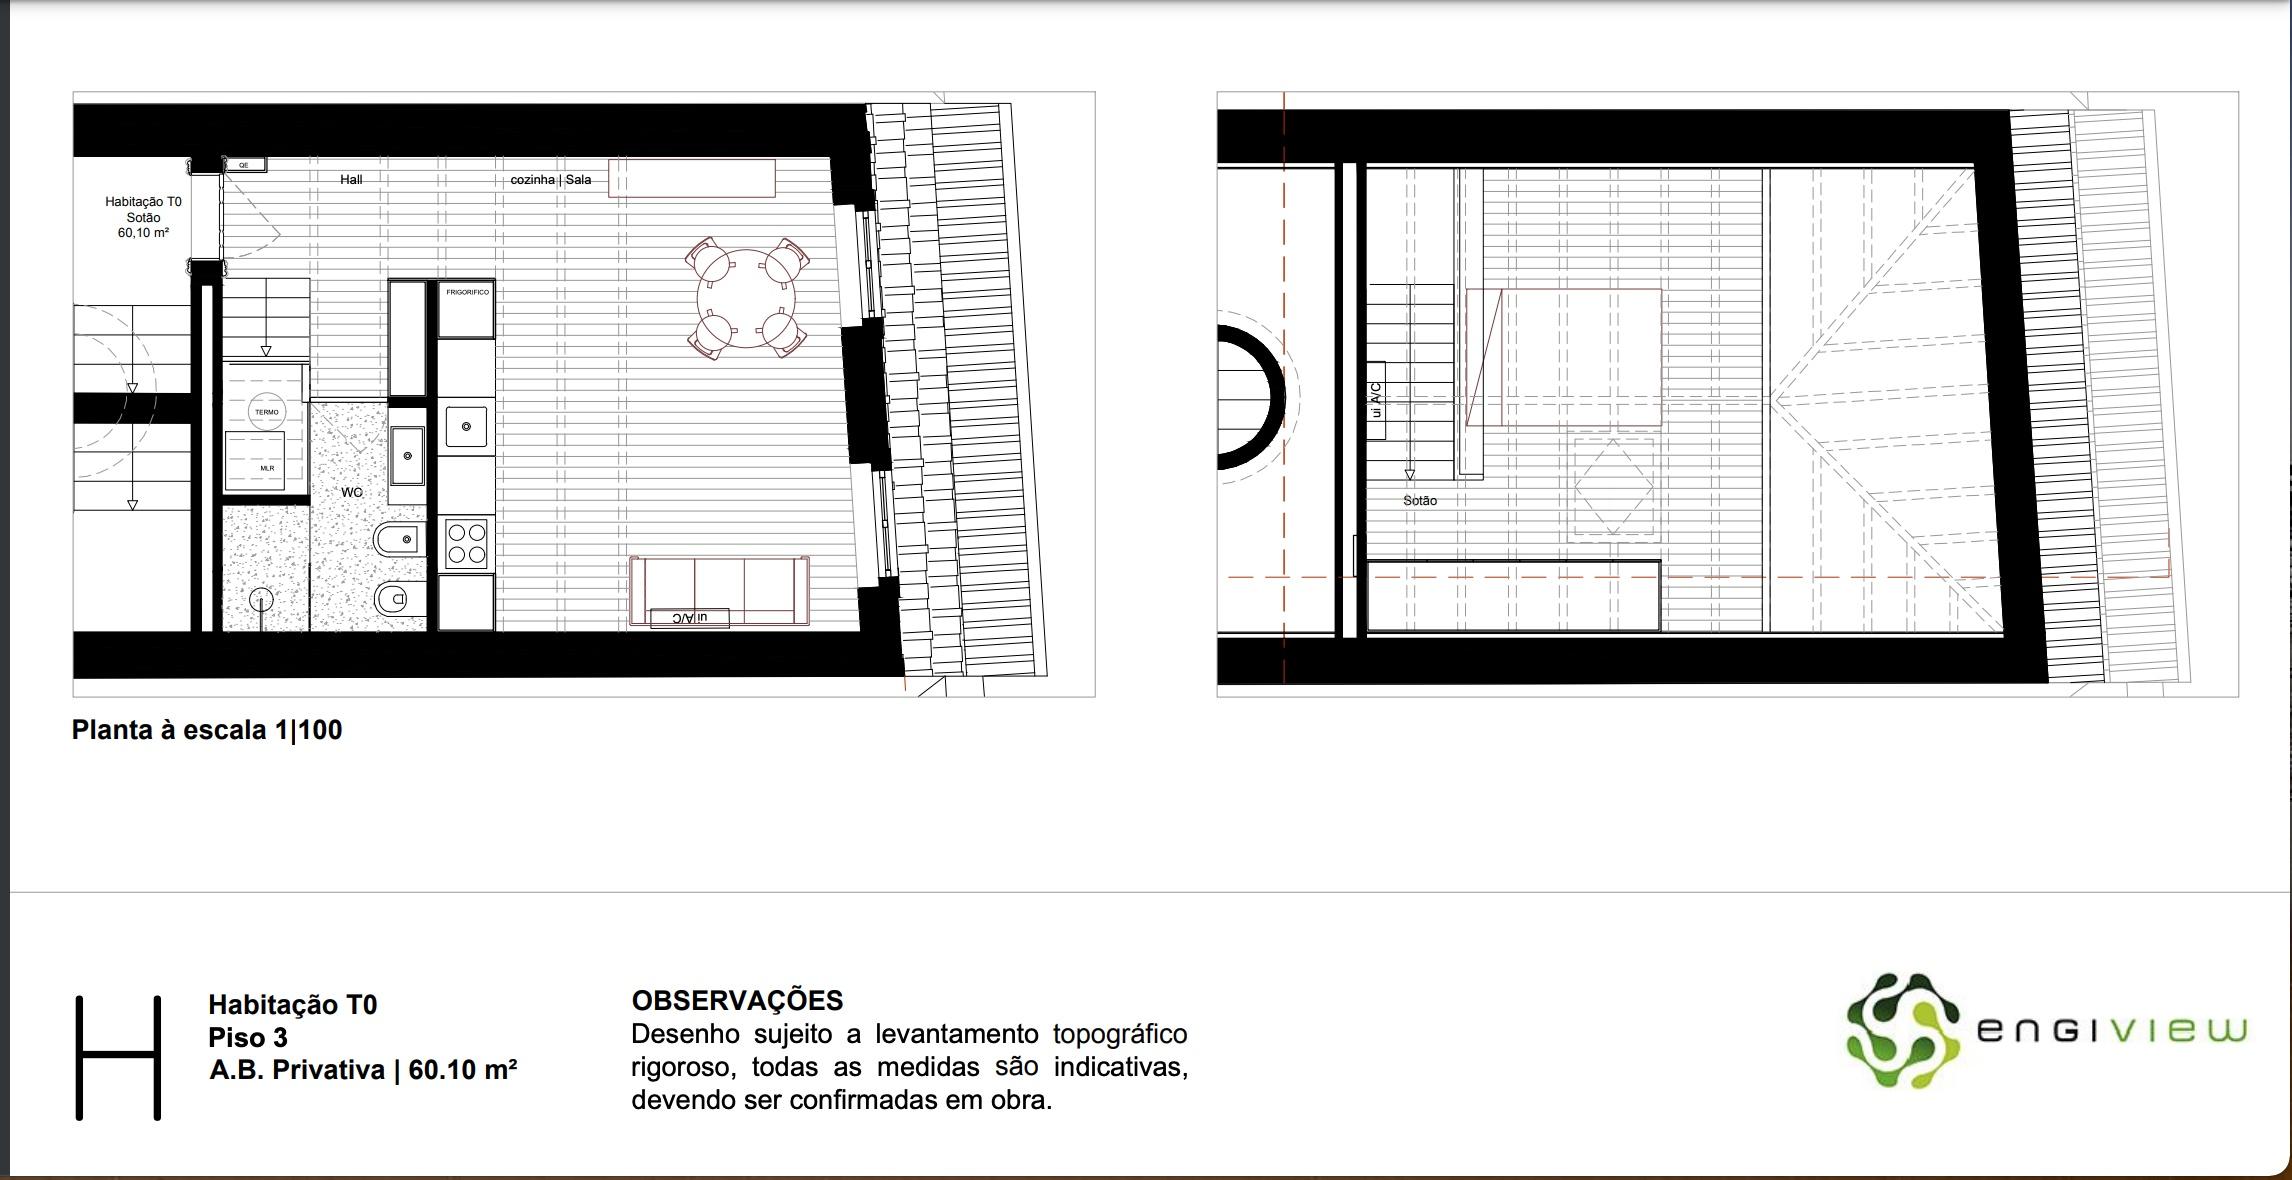 למכירה-דירת סטודיו חדשה, עם קומת גלריה, פורטו